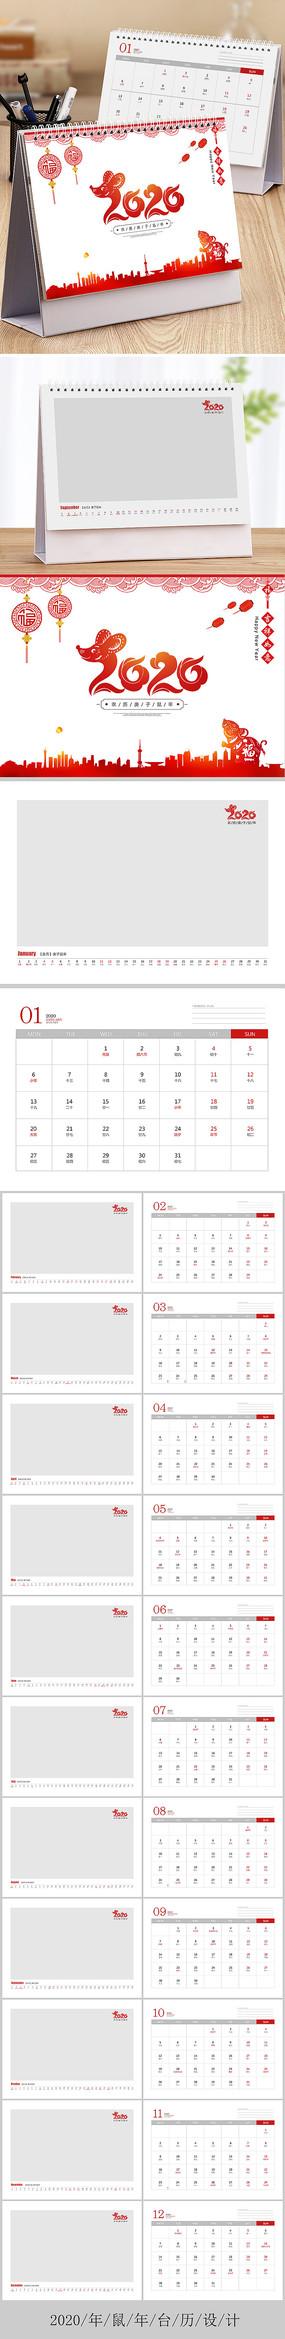 2020年鼠年日历企业台历